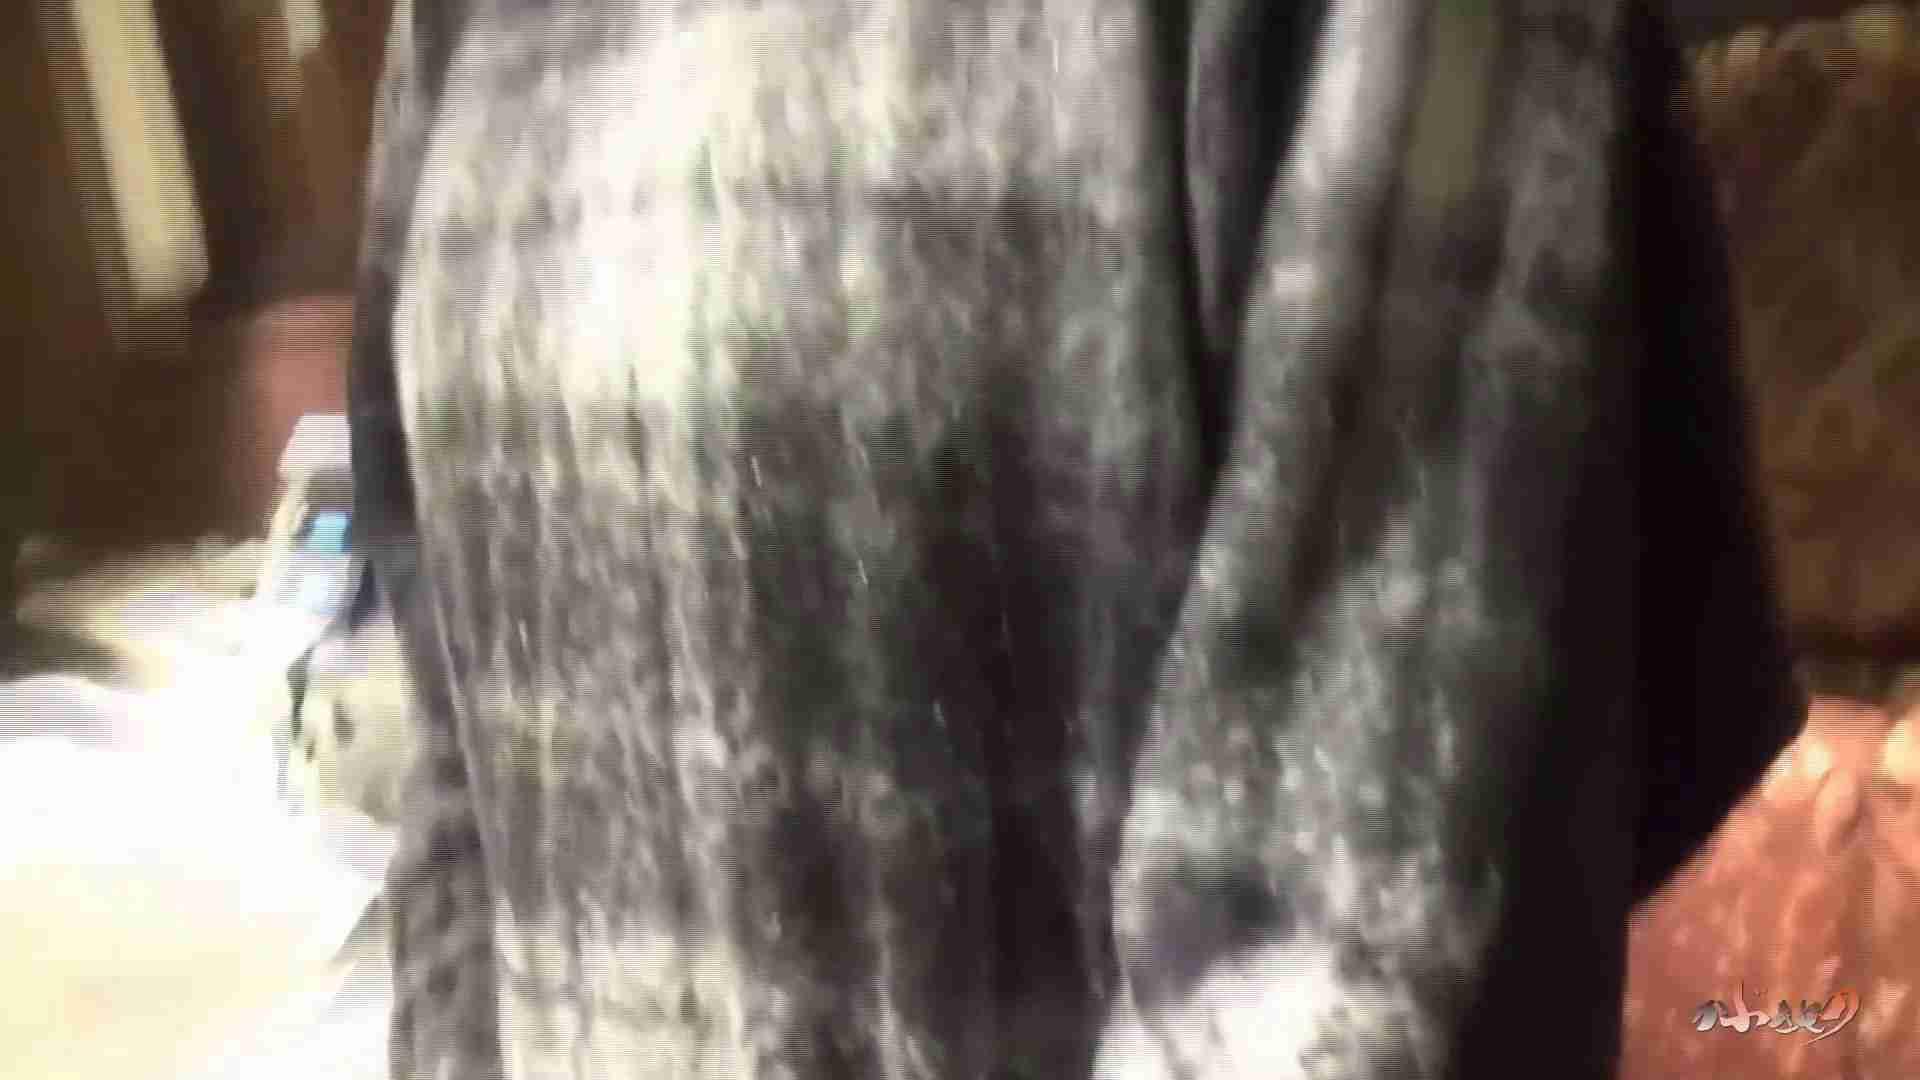 色情狂 Vol.07 無料サンプル】モデルになみのかわい過ぎる子をゲット! ホテル  58PIX 42